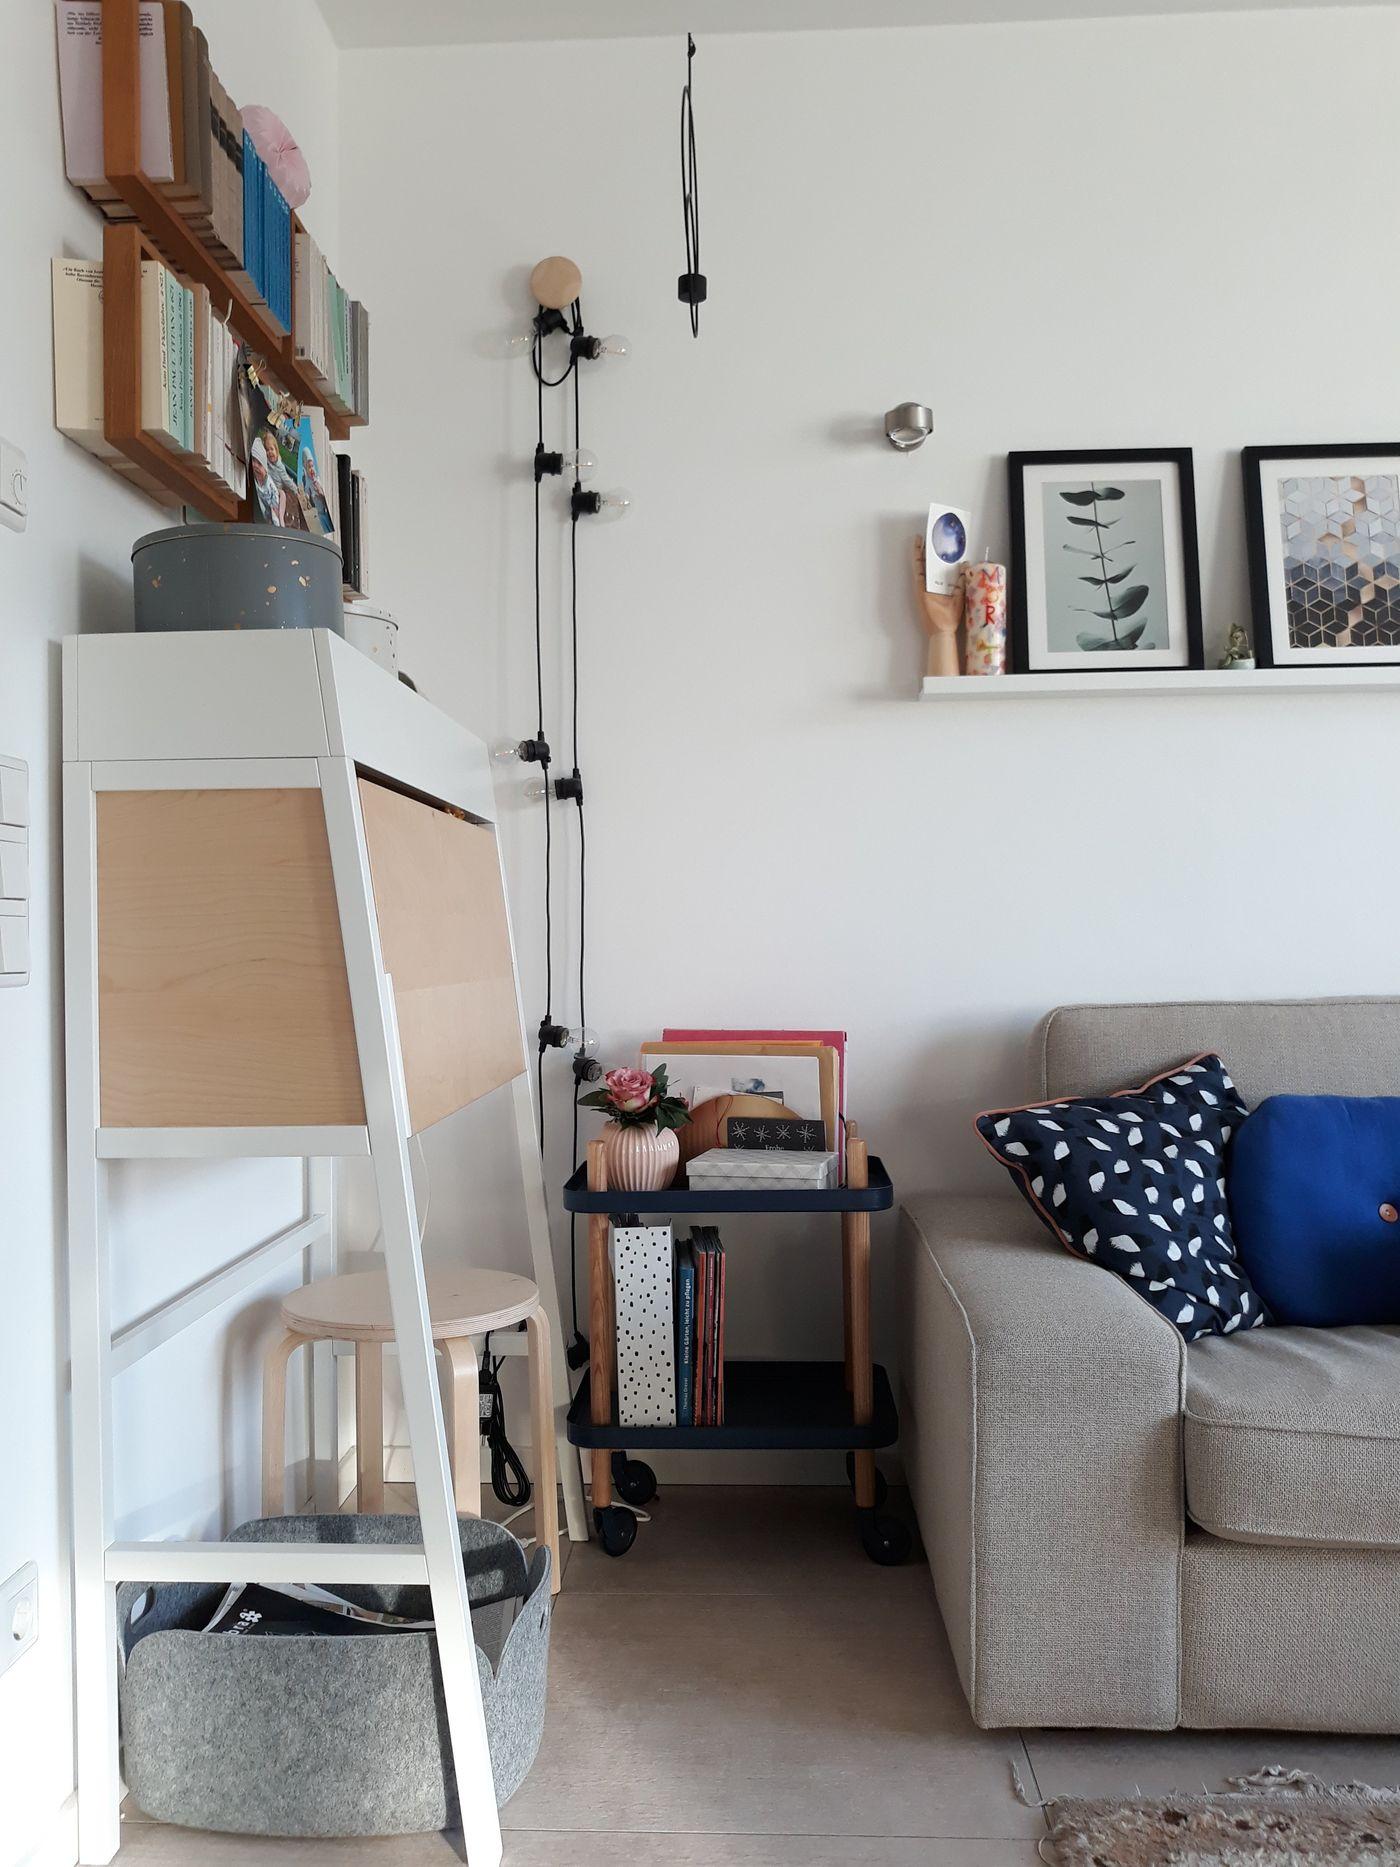 Büro einrichten - Die besten Ideen für Dein Home Office - Seite 16